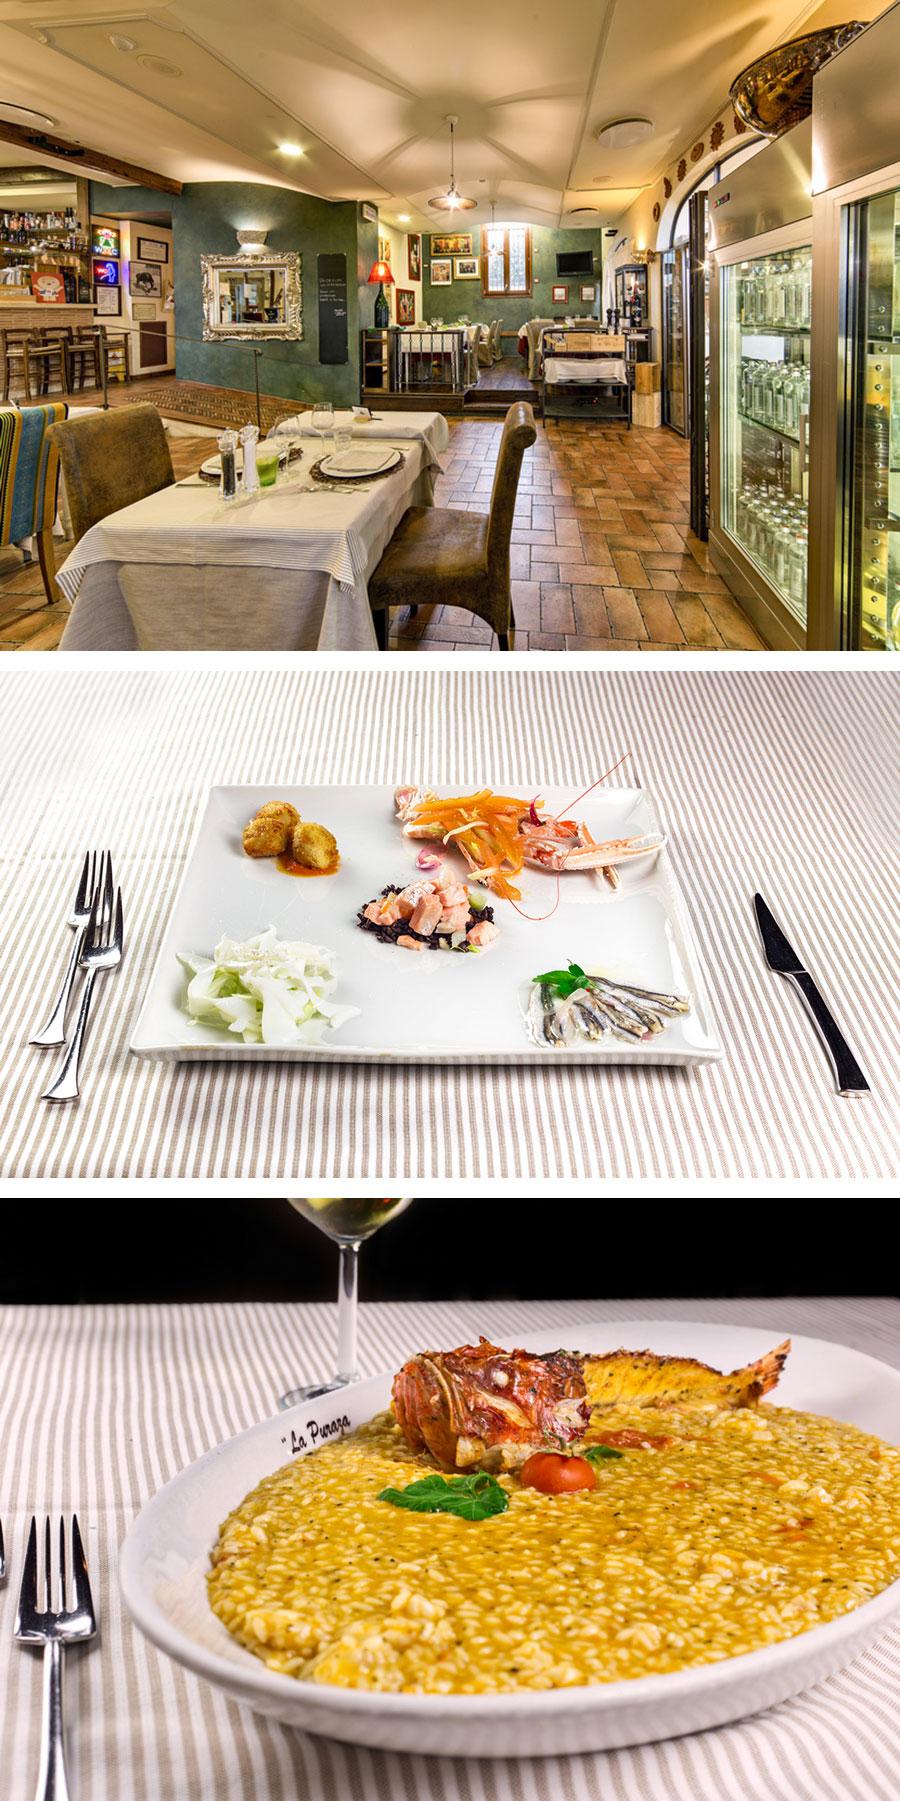 La Puraza, il ristorante di pesce a Rimini che stavi cercando